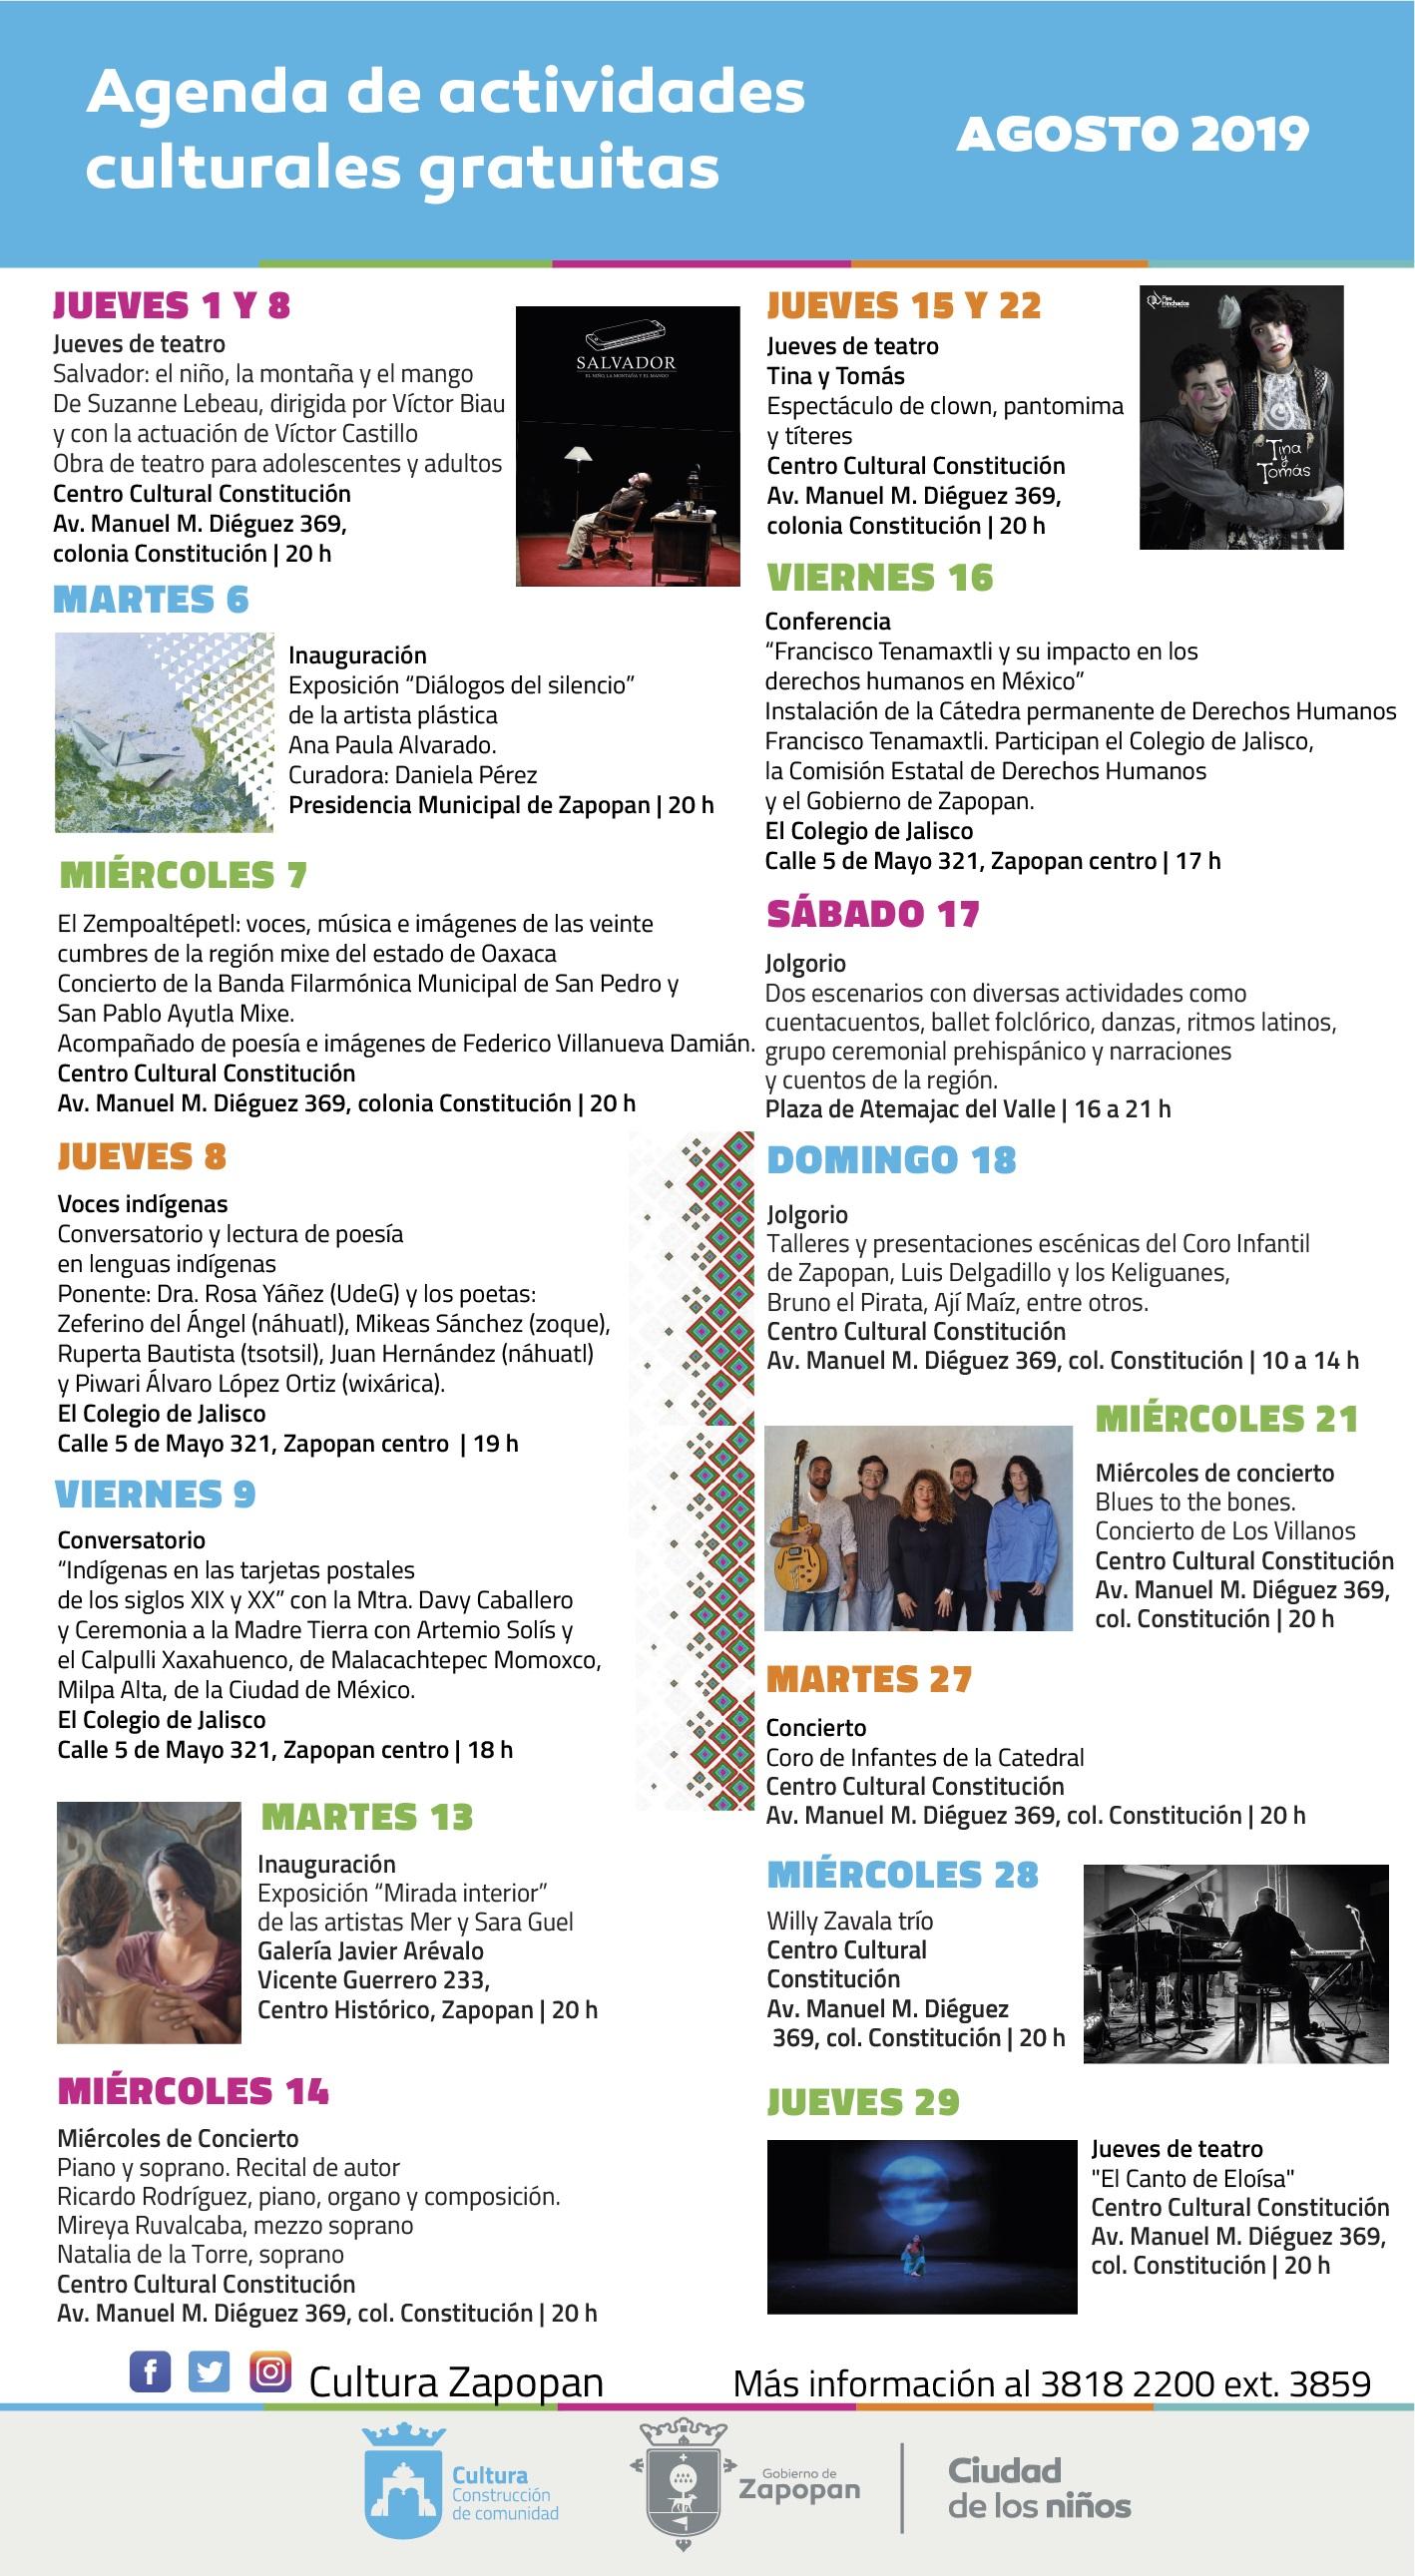 Agenda de actividades culturales gratuitas de agosto en Zapopan